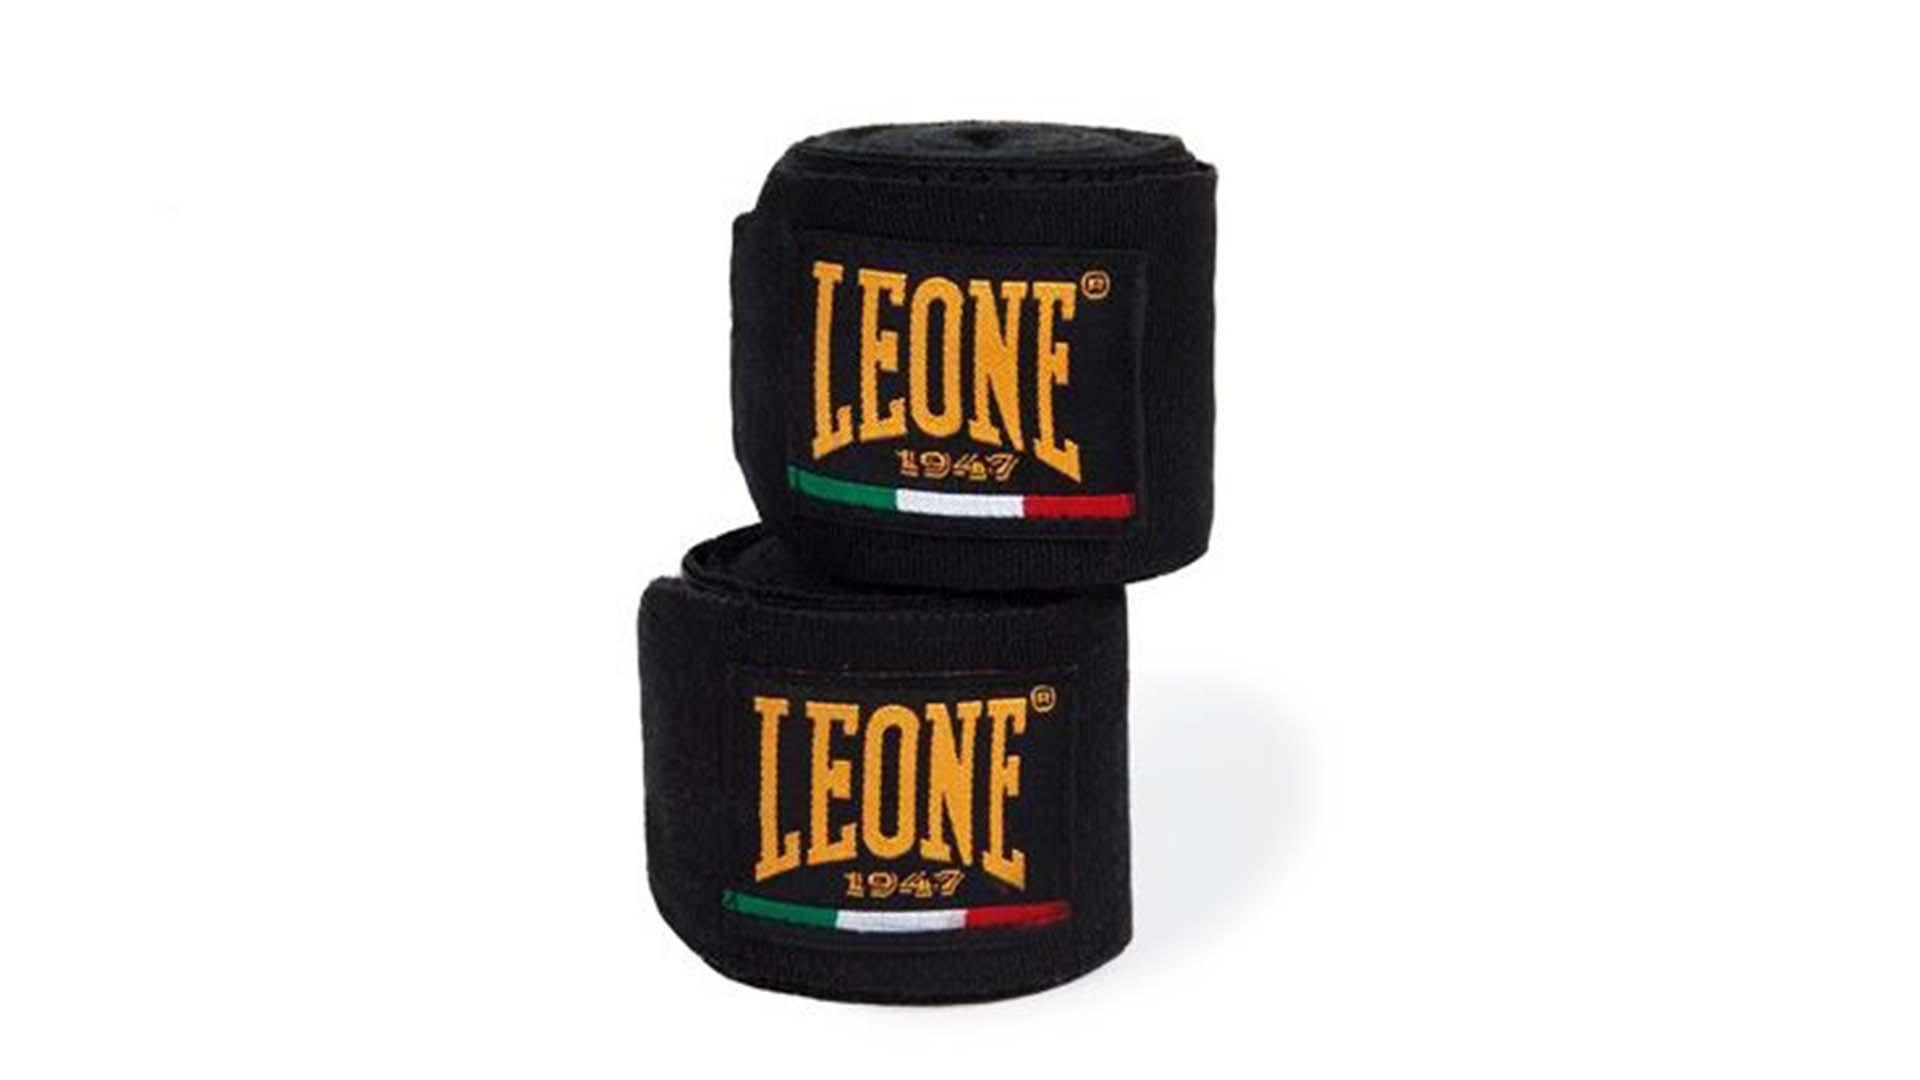 Leone AB705 handwraps